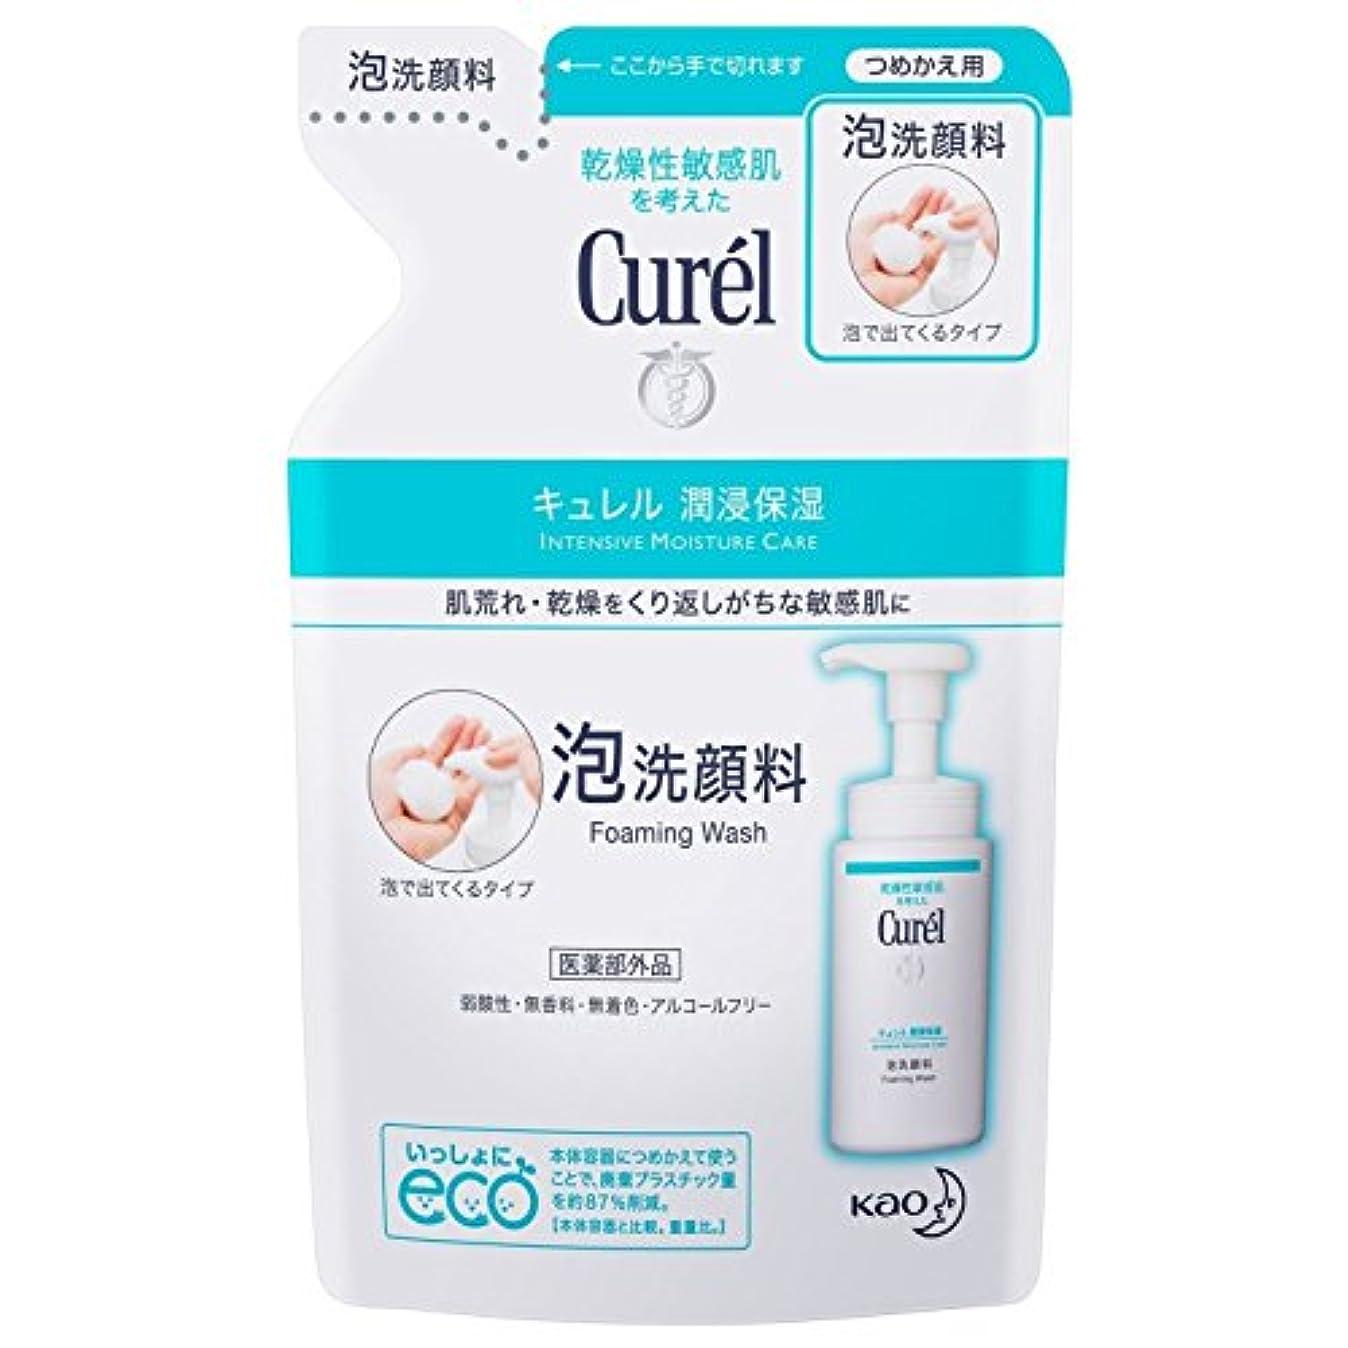 遠え法律俳句【花王】Curel(キュレル) 泡洗顔料 つめかえ用 130ml ×5個セット